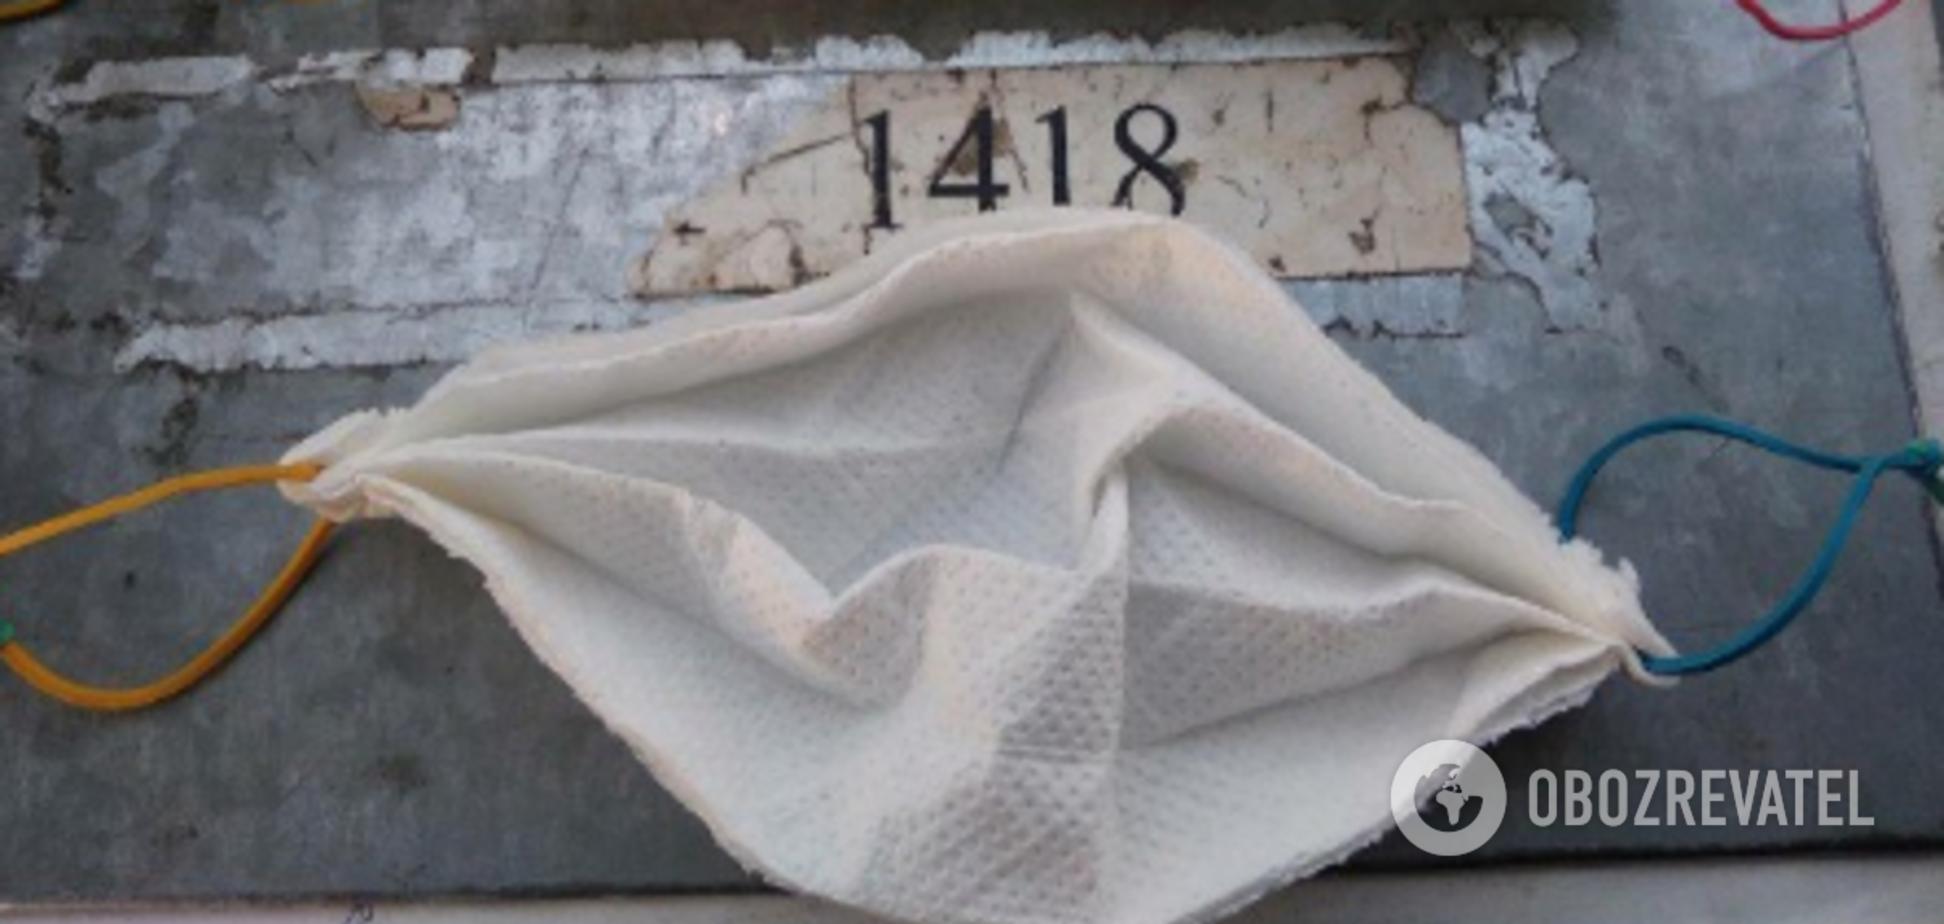 'Укрзалізниця' выдала своим сотрудникам маски из бумажных салфеток: разгорелся скандал